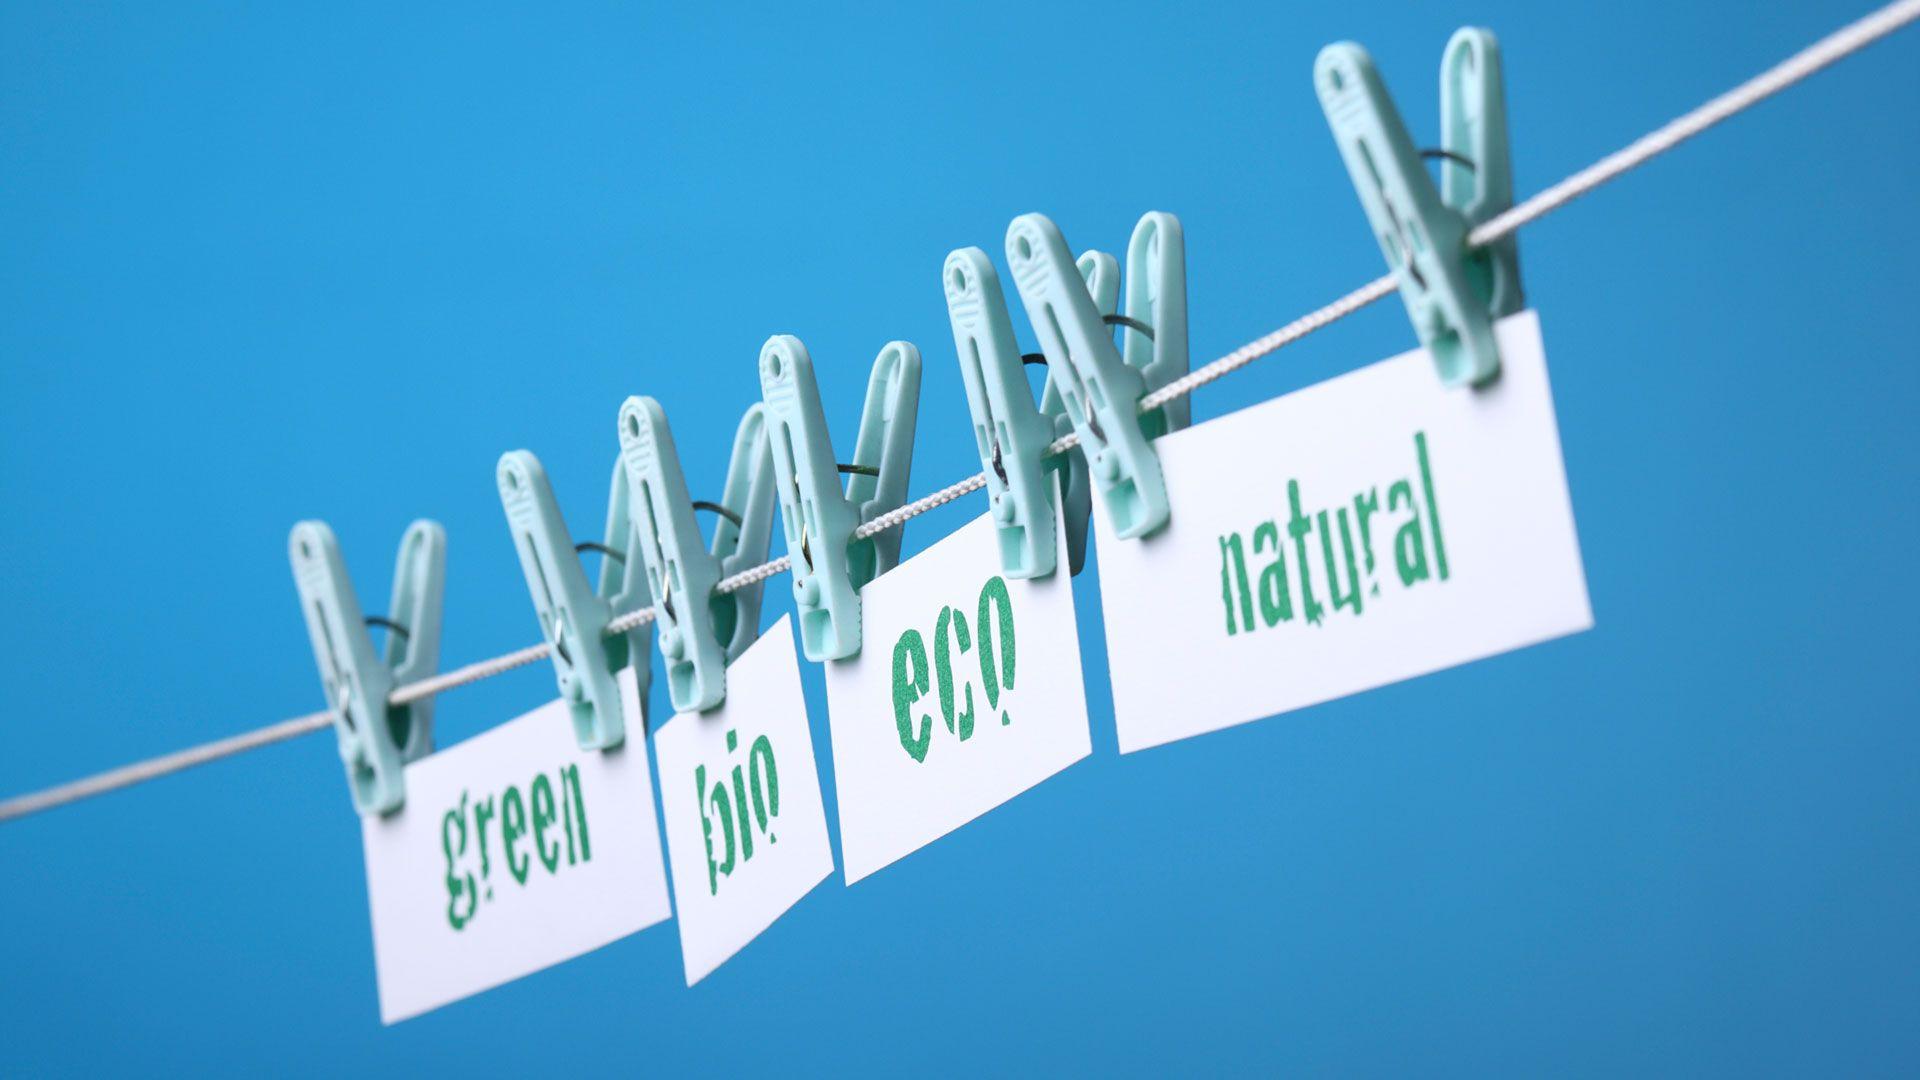 Ecofriendly Labels Defined - Understanding Green Buzzwords